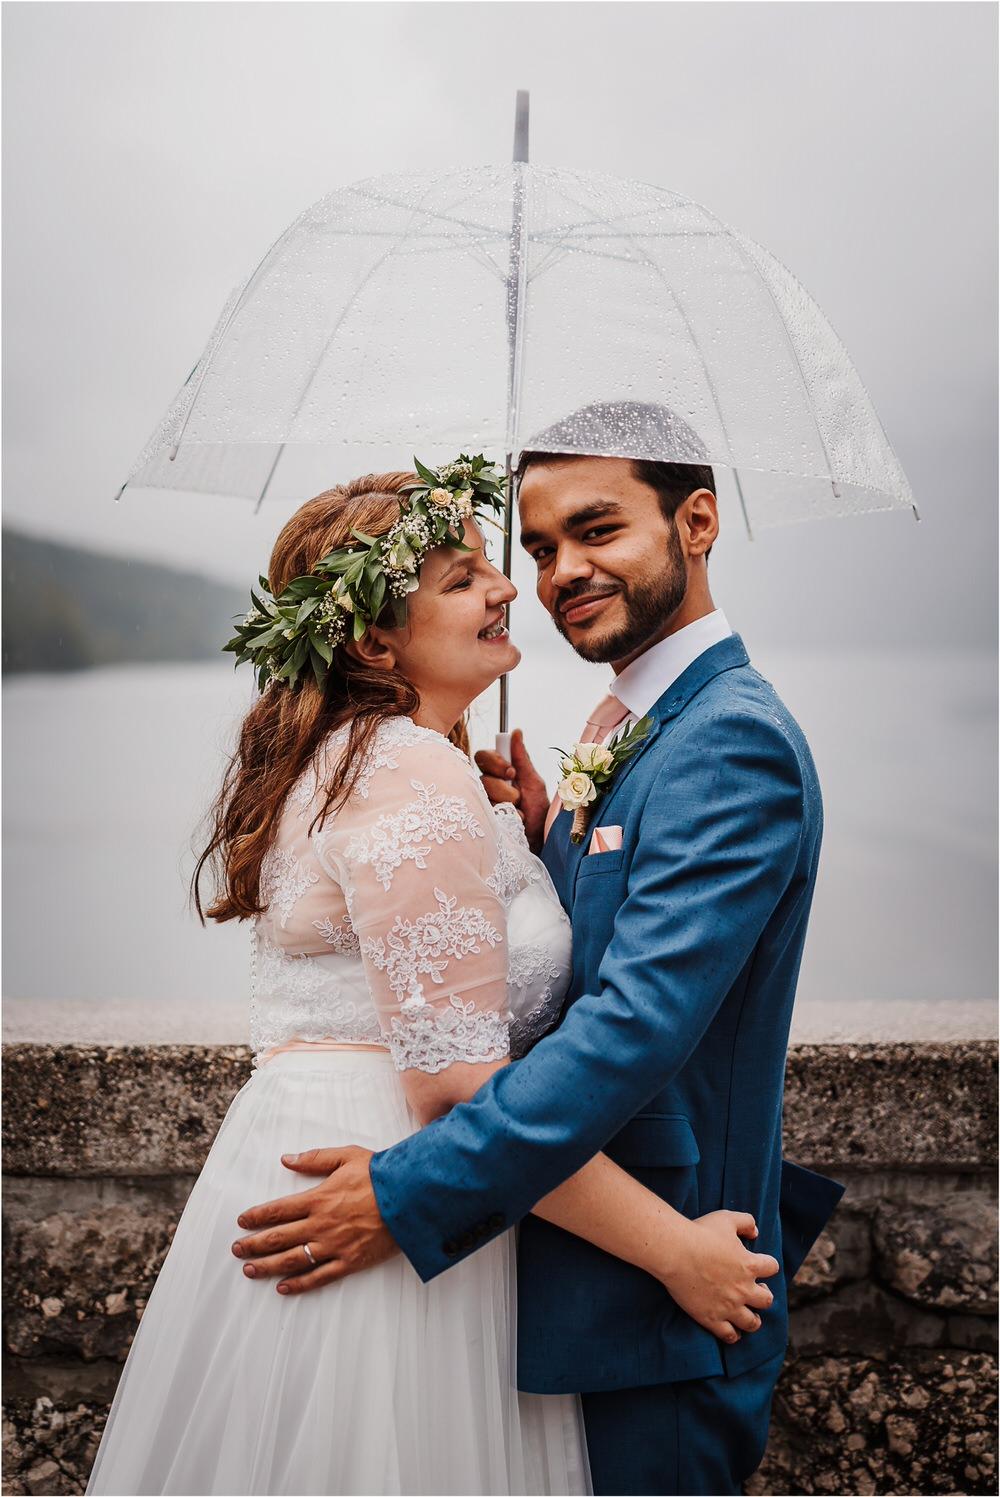 bohinj lake wedding boho chic rustic poroka bohinjsko jezero rustikalna fotograf fotografiranje poročni 0083.jpg